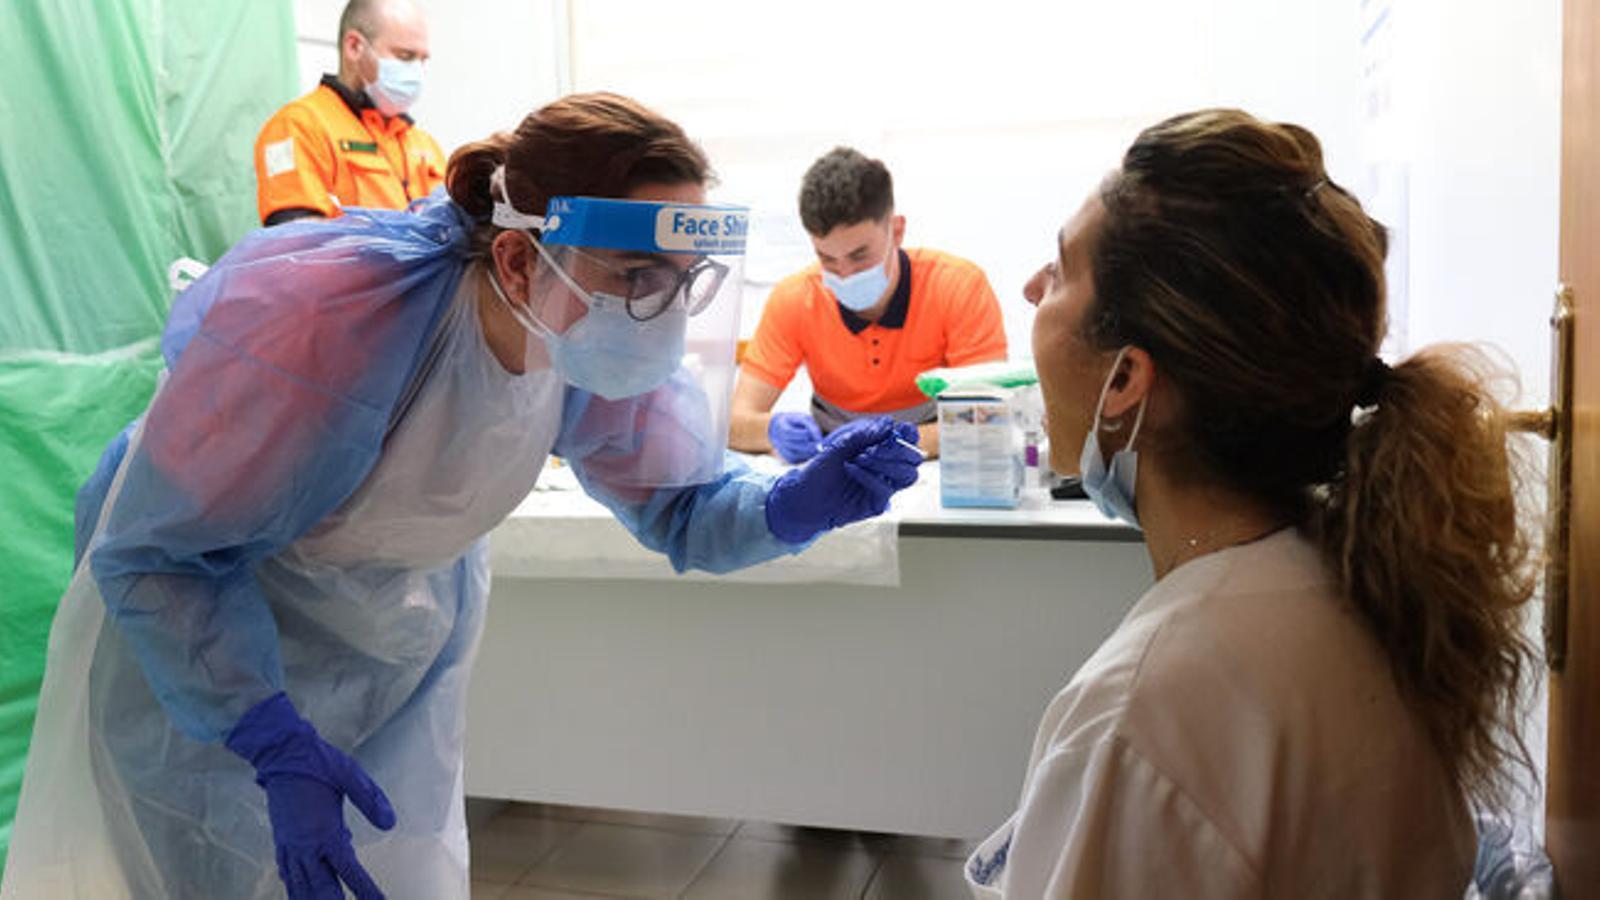 Un centre de salut en el moment que es fan tests del covid-19 / ISAAC BUJ